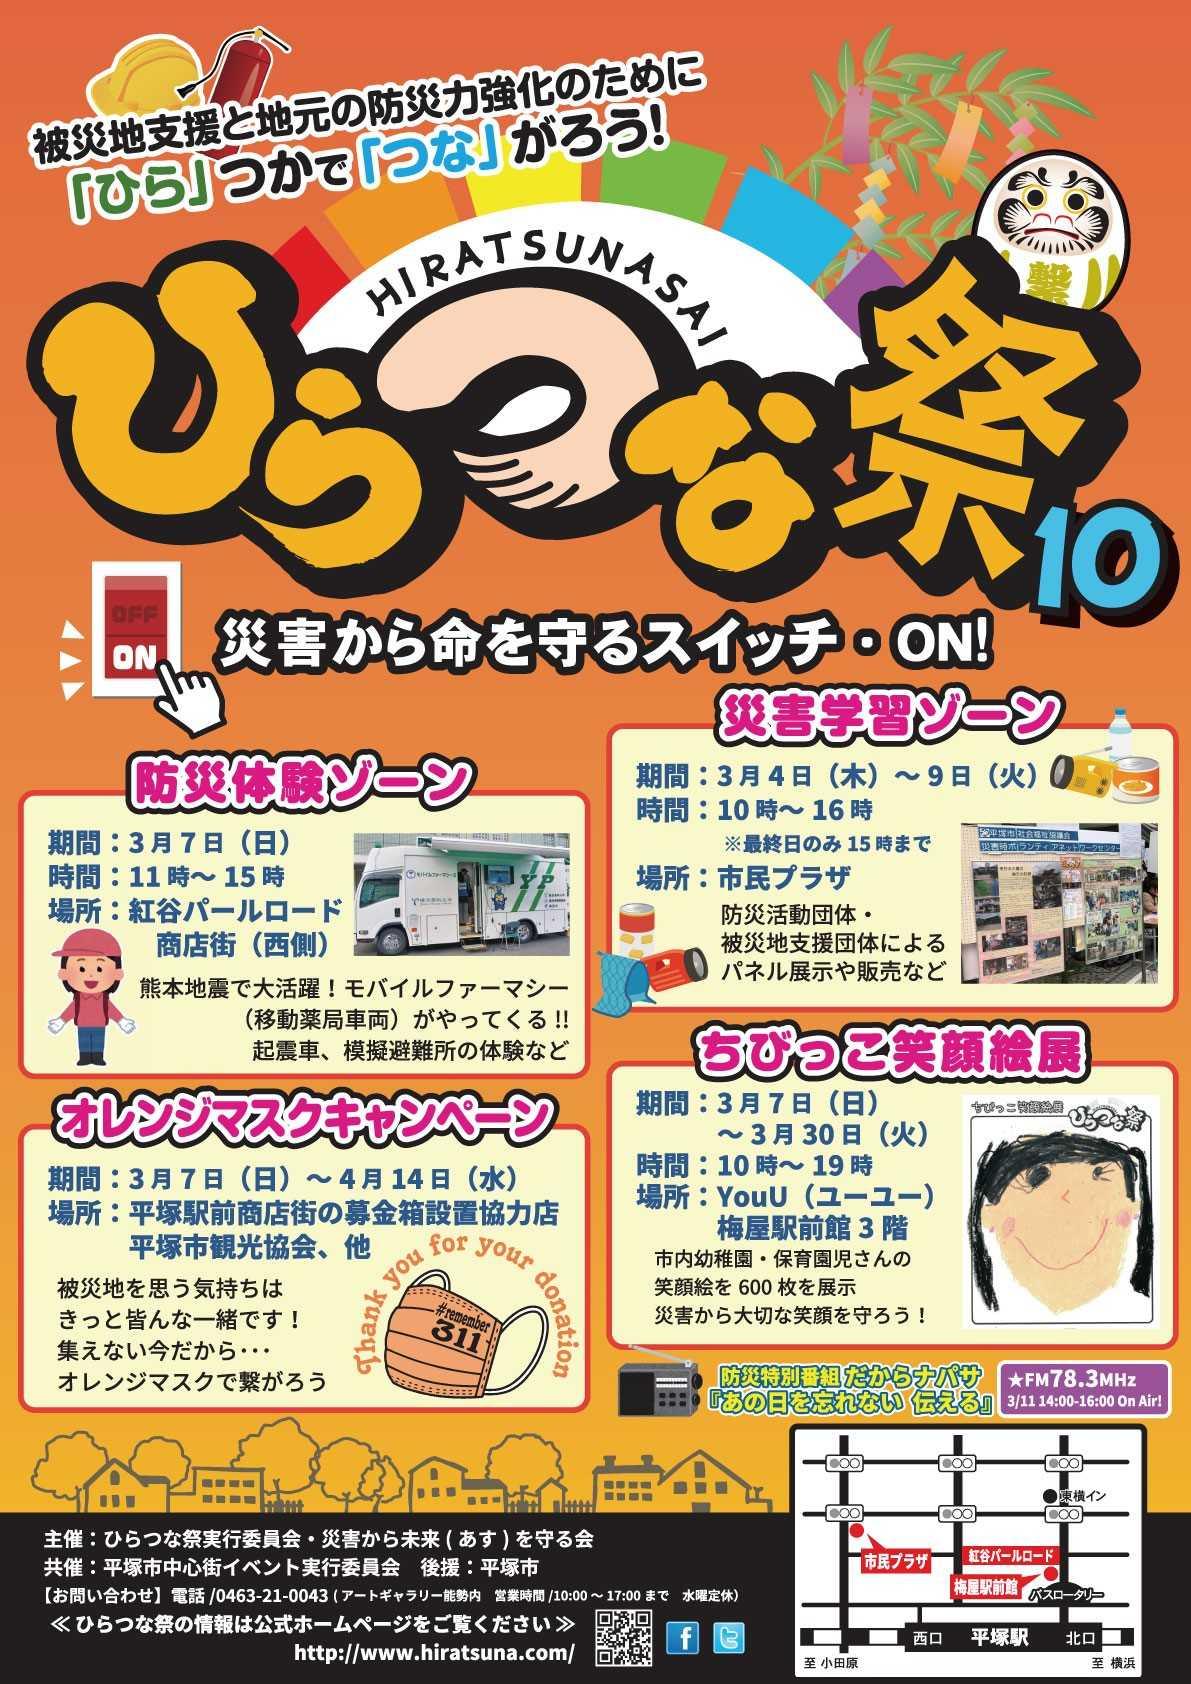 ひらつな祭「ちびっこ笑顔絵展」保育園のこどもたちが参加!